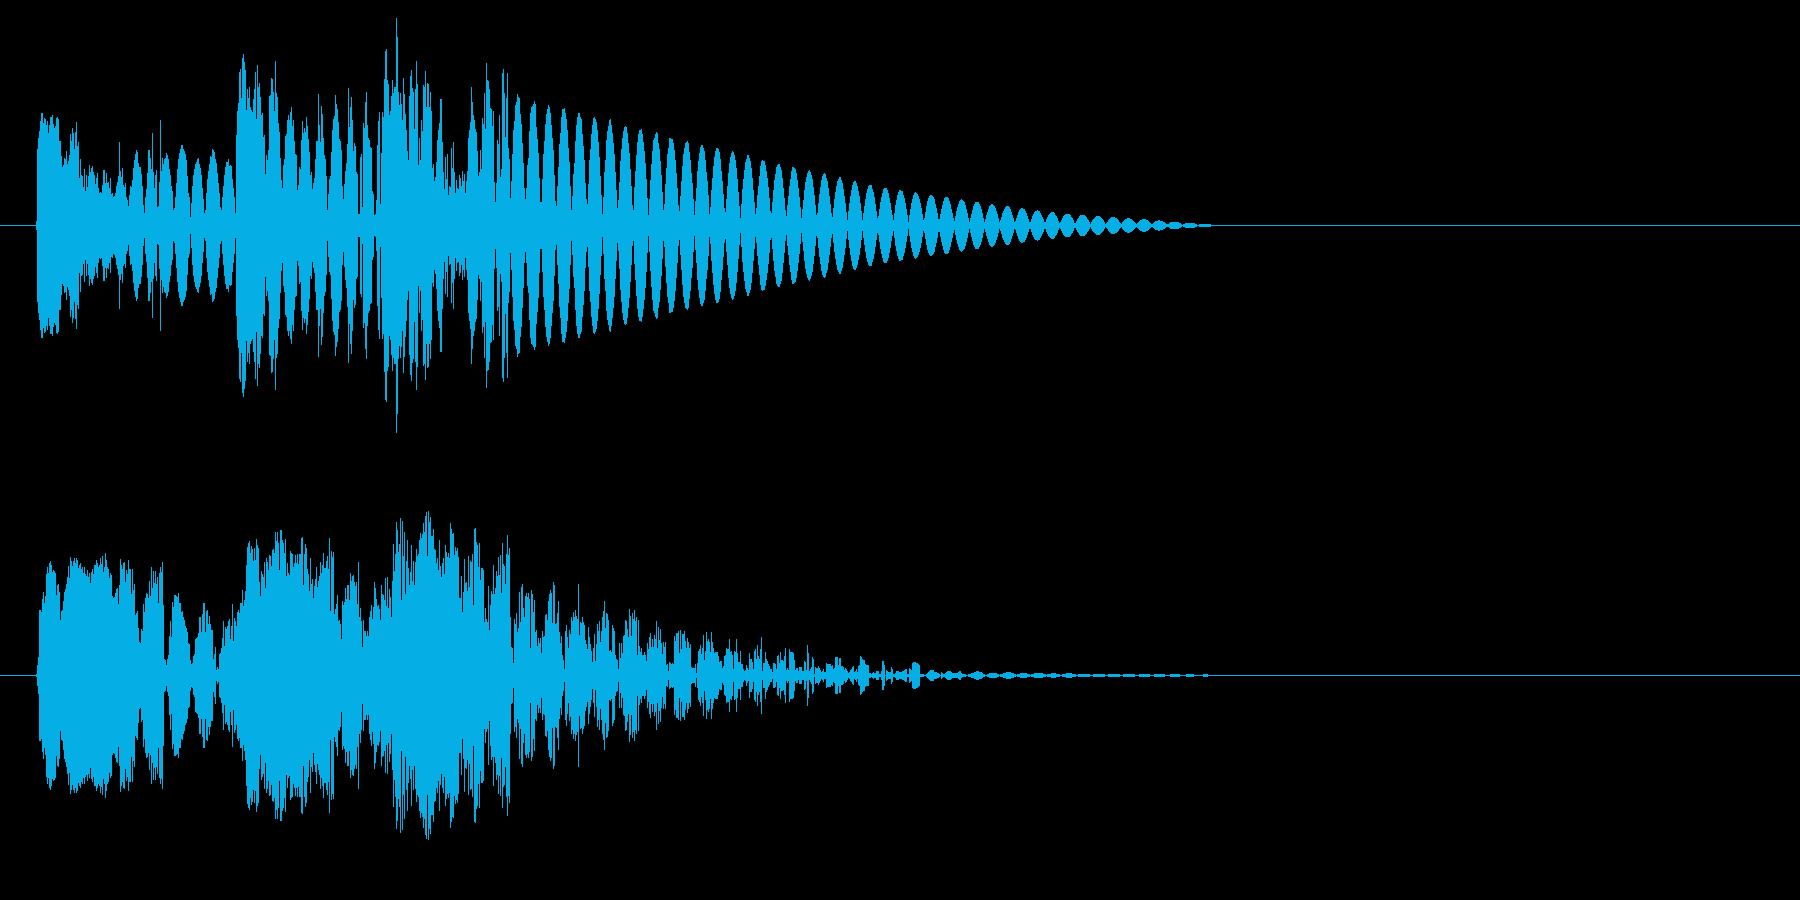 ドドドン 射撃音2 ゲームなどの再生済みの波形